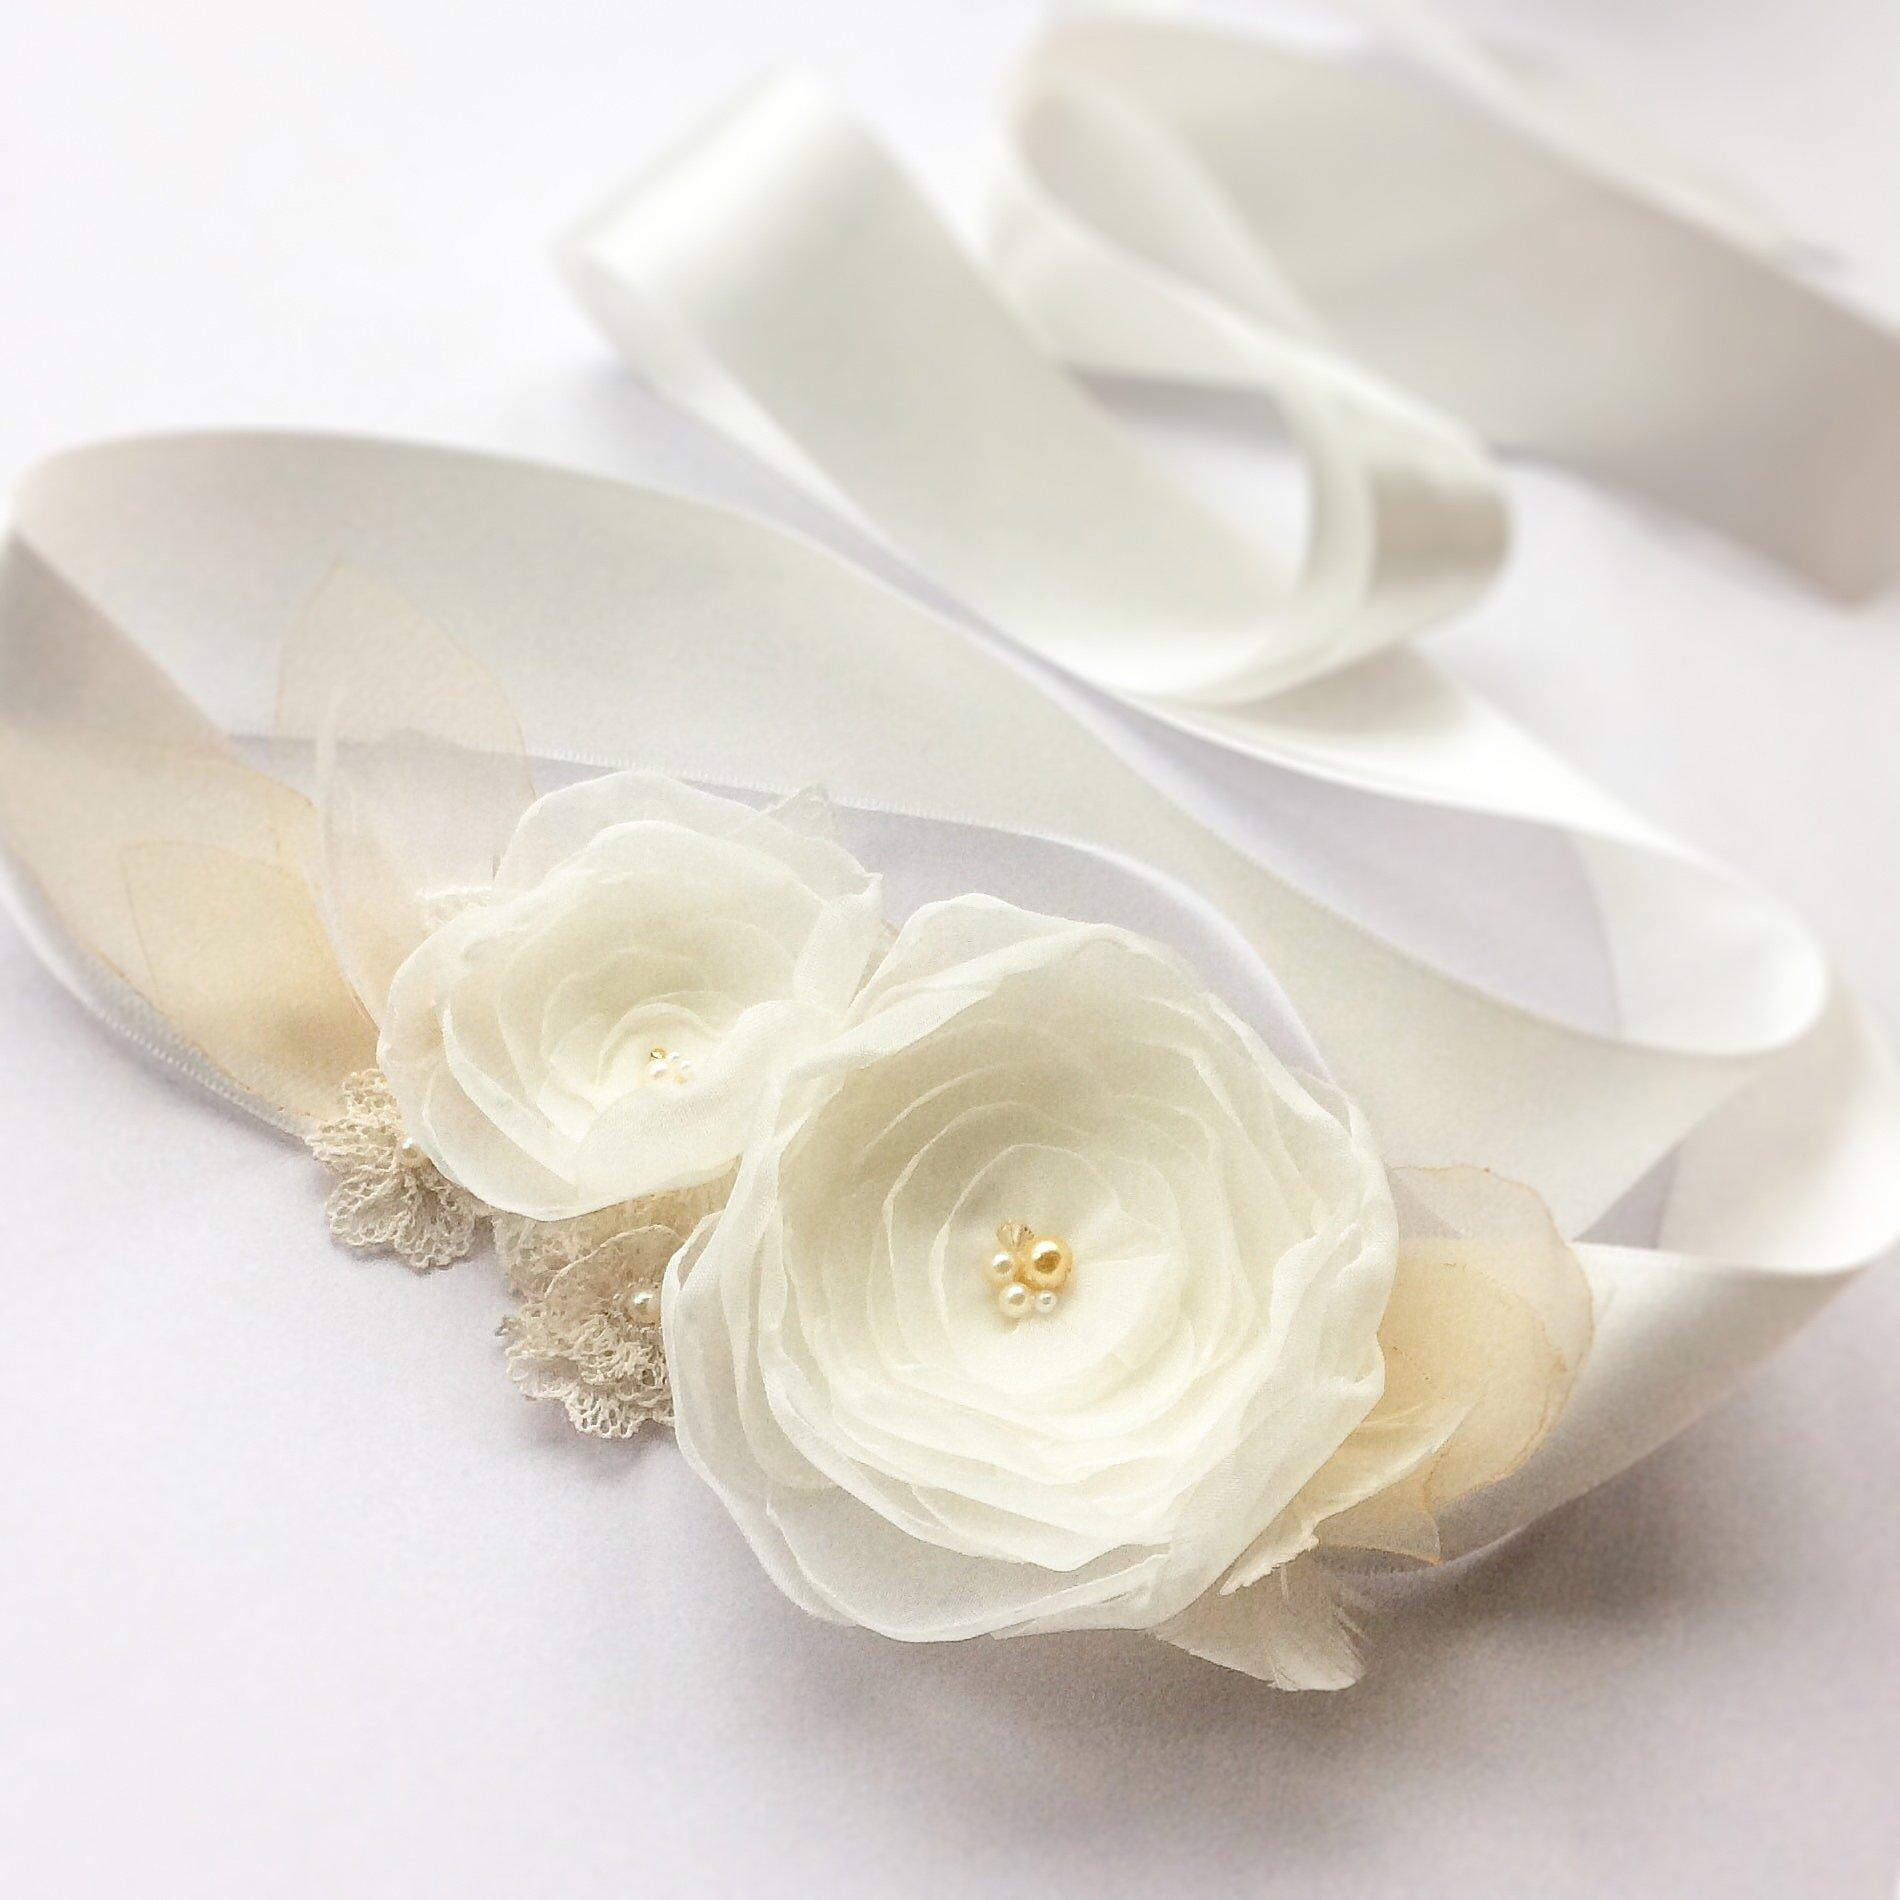 Bespoke wedding sash